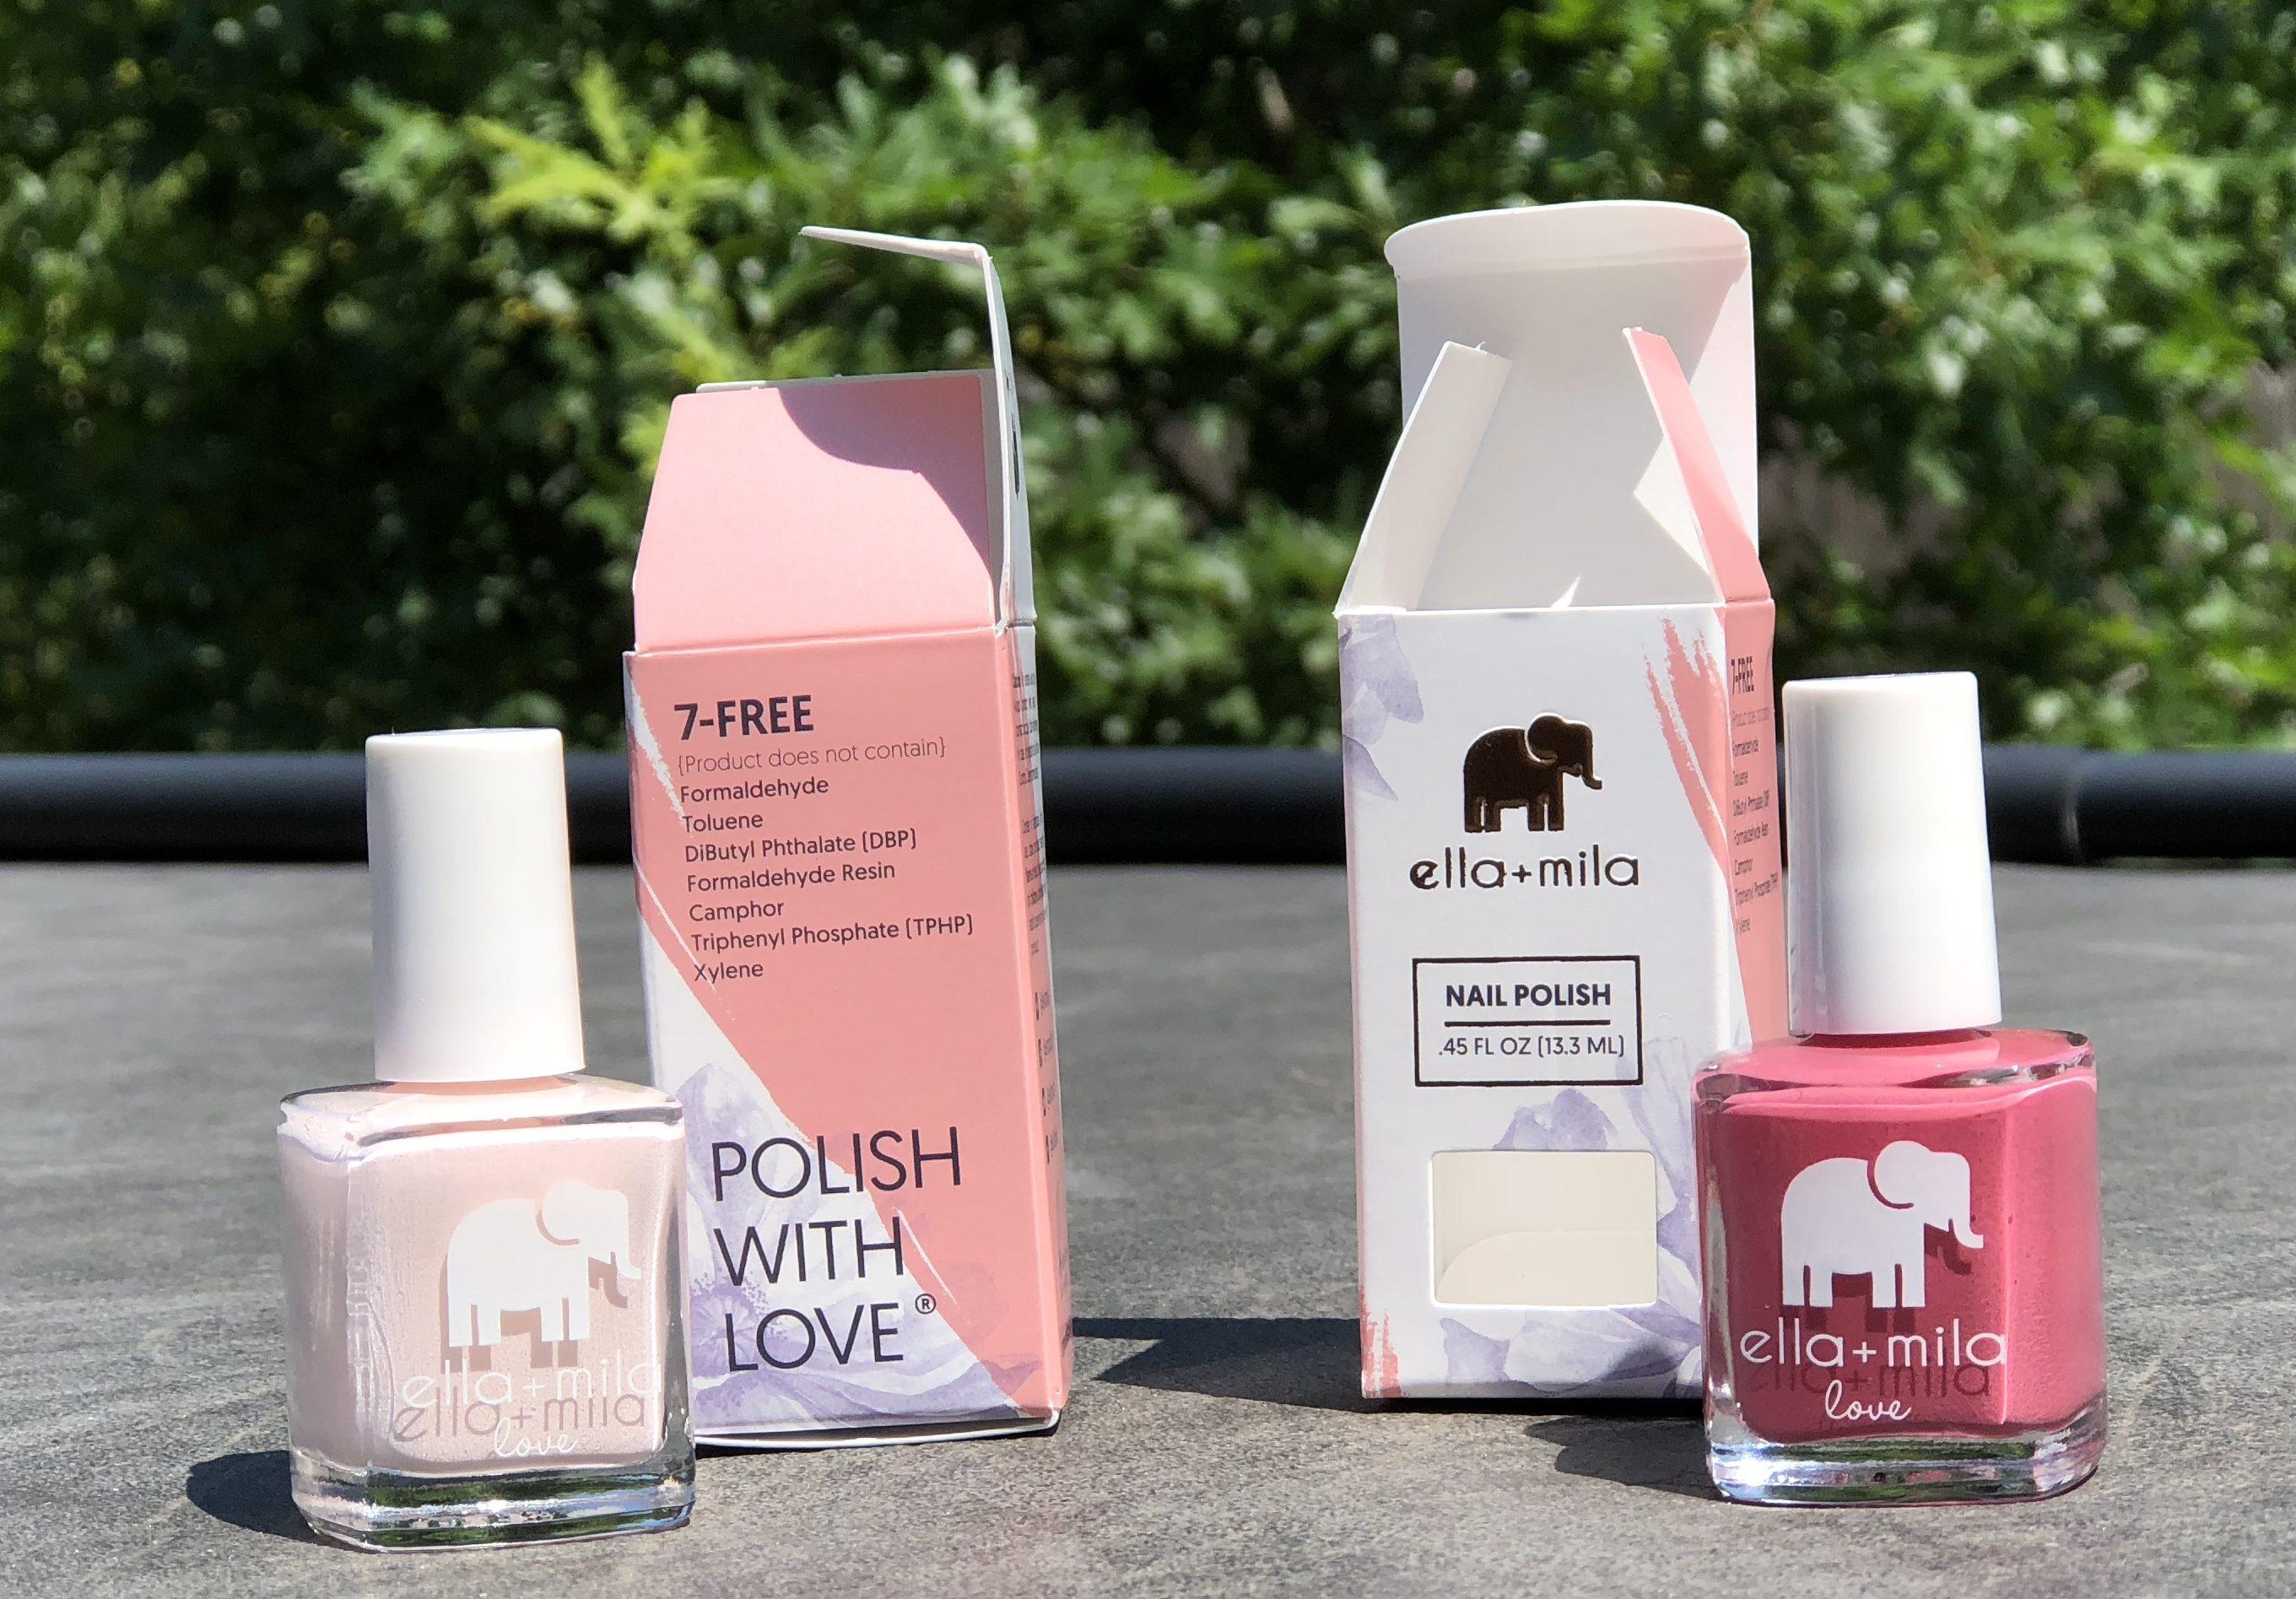 ella + mila nail products deal 3 - nail polish and boxes